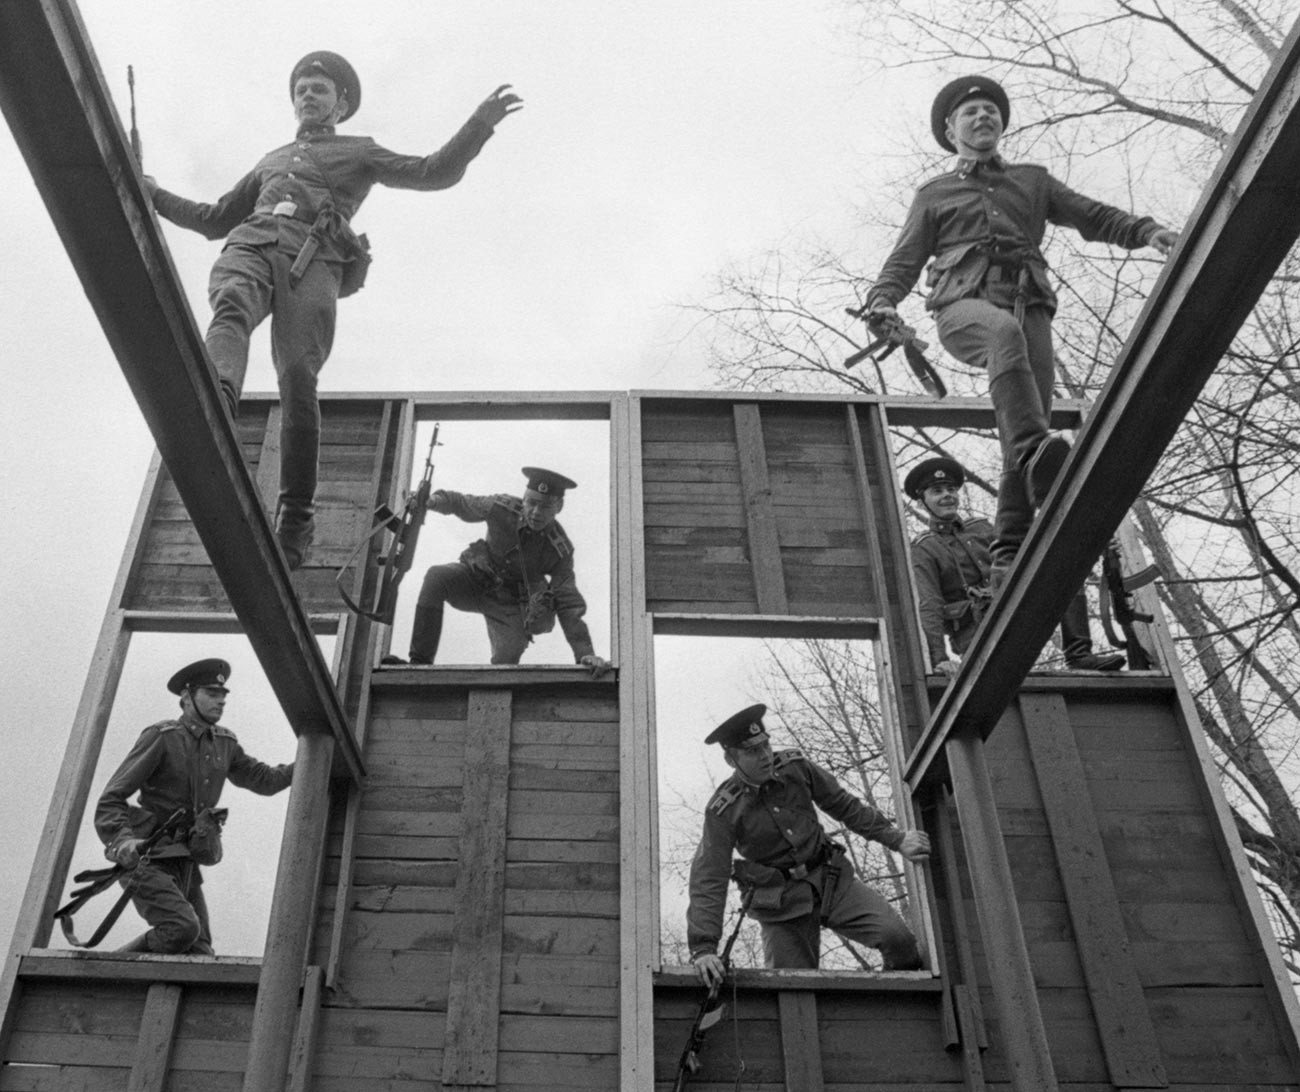 Usposabljanje na poligonu z ovirami v Krasnoznamjonskem inštitutu KGB